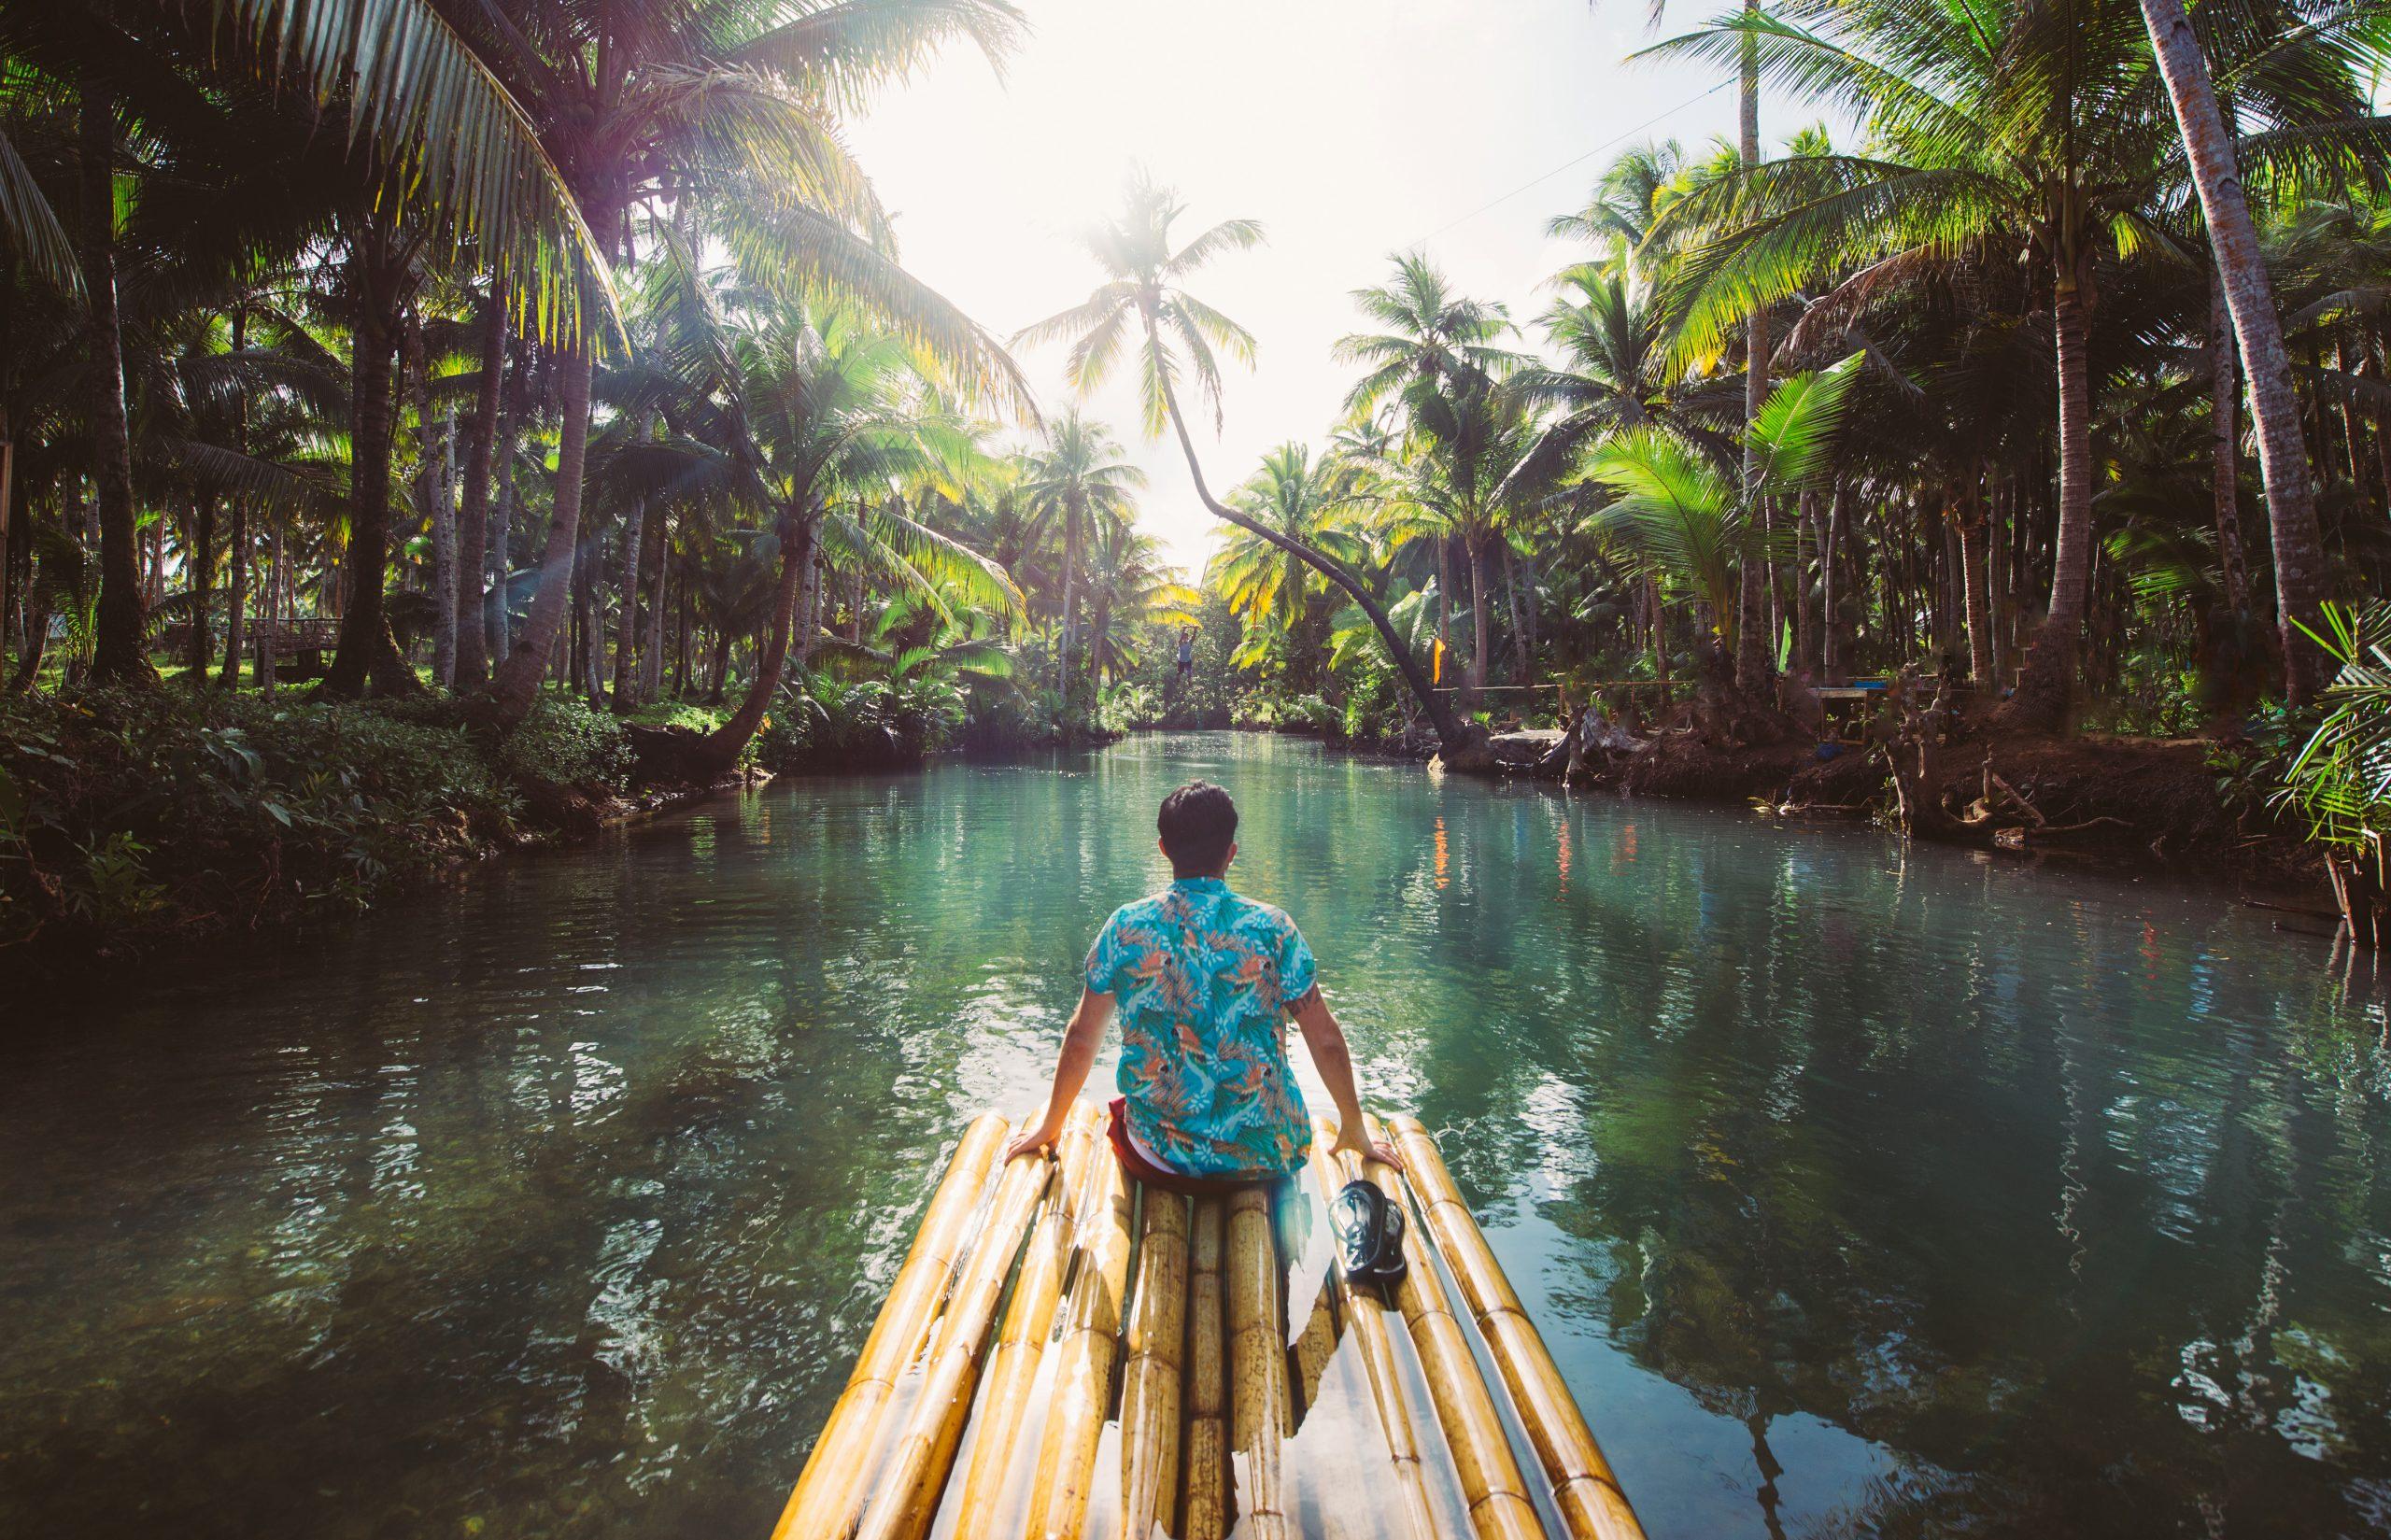 การท่องเที่ยวในประเทศไทย